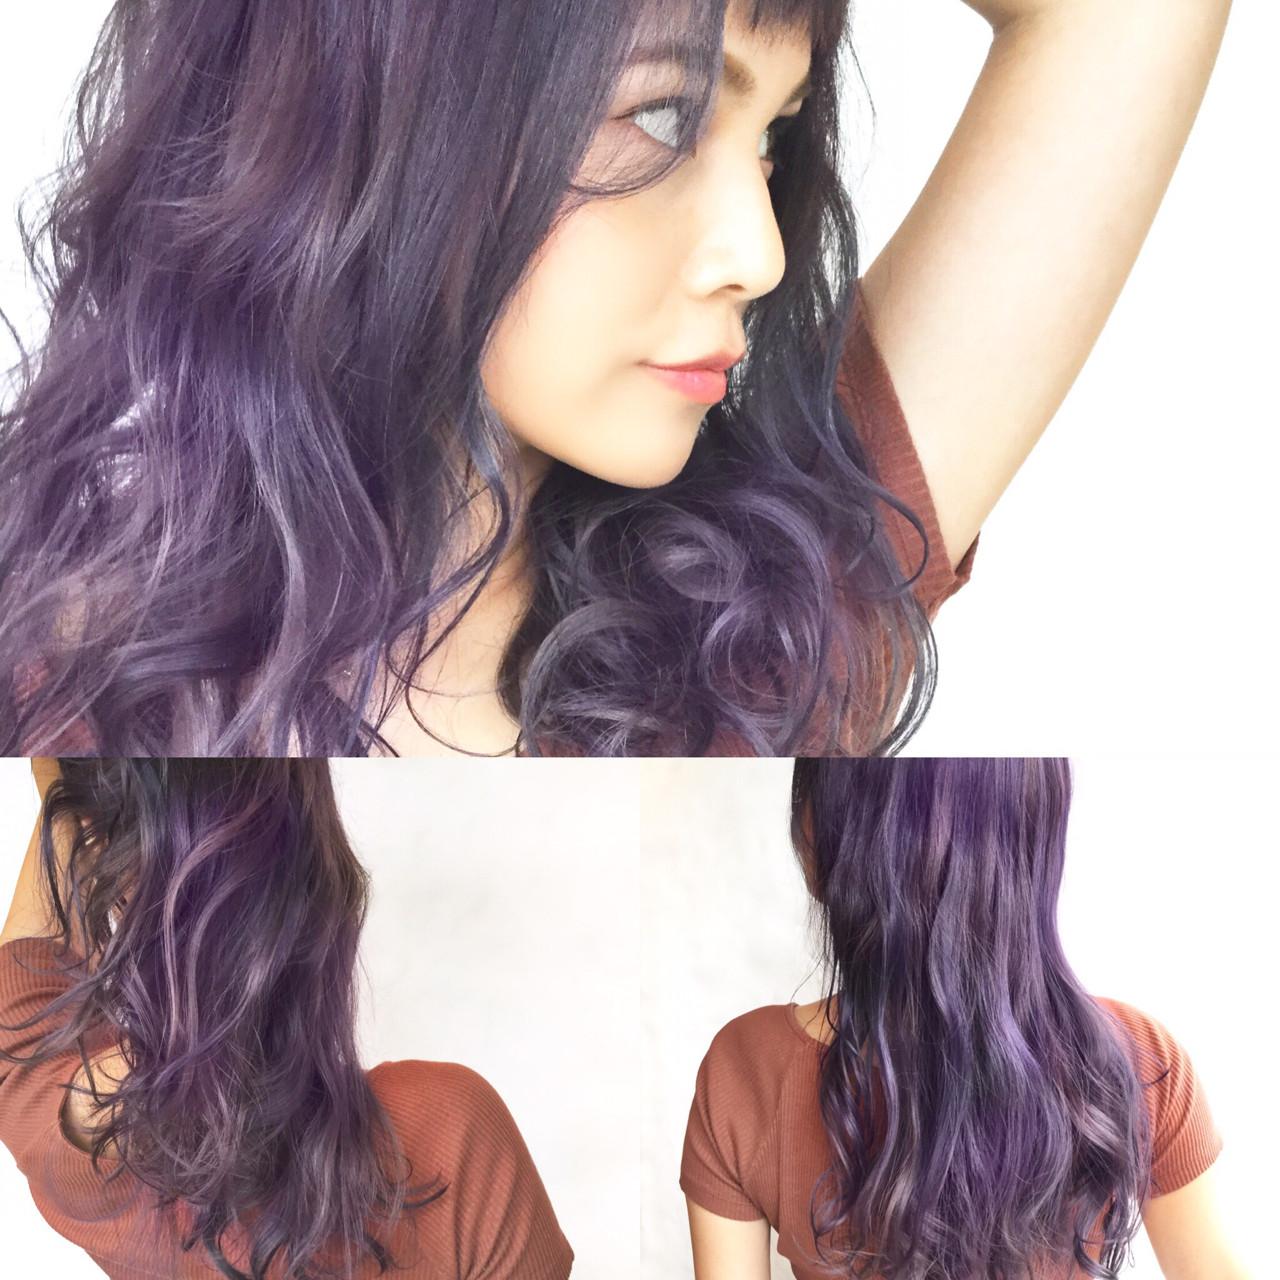 モード ロング 透明感 秋 ヘアスタイルや髪型の写真・画像 | 浜田敦史 / Tiffa栄